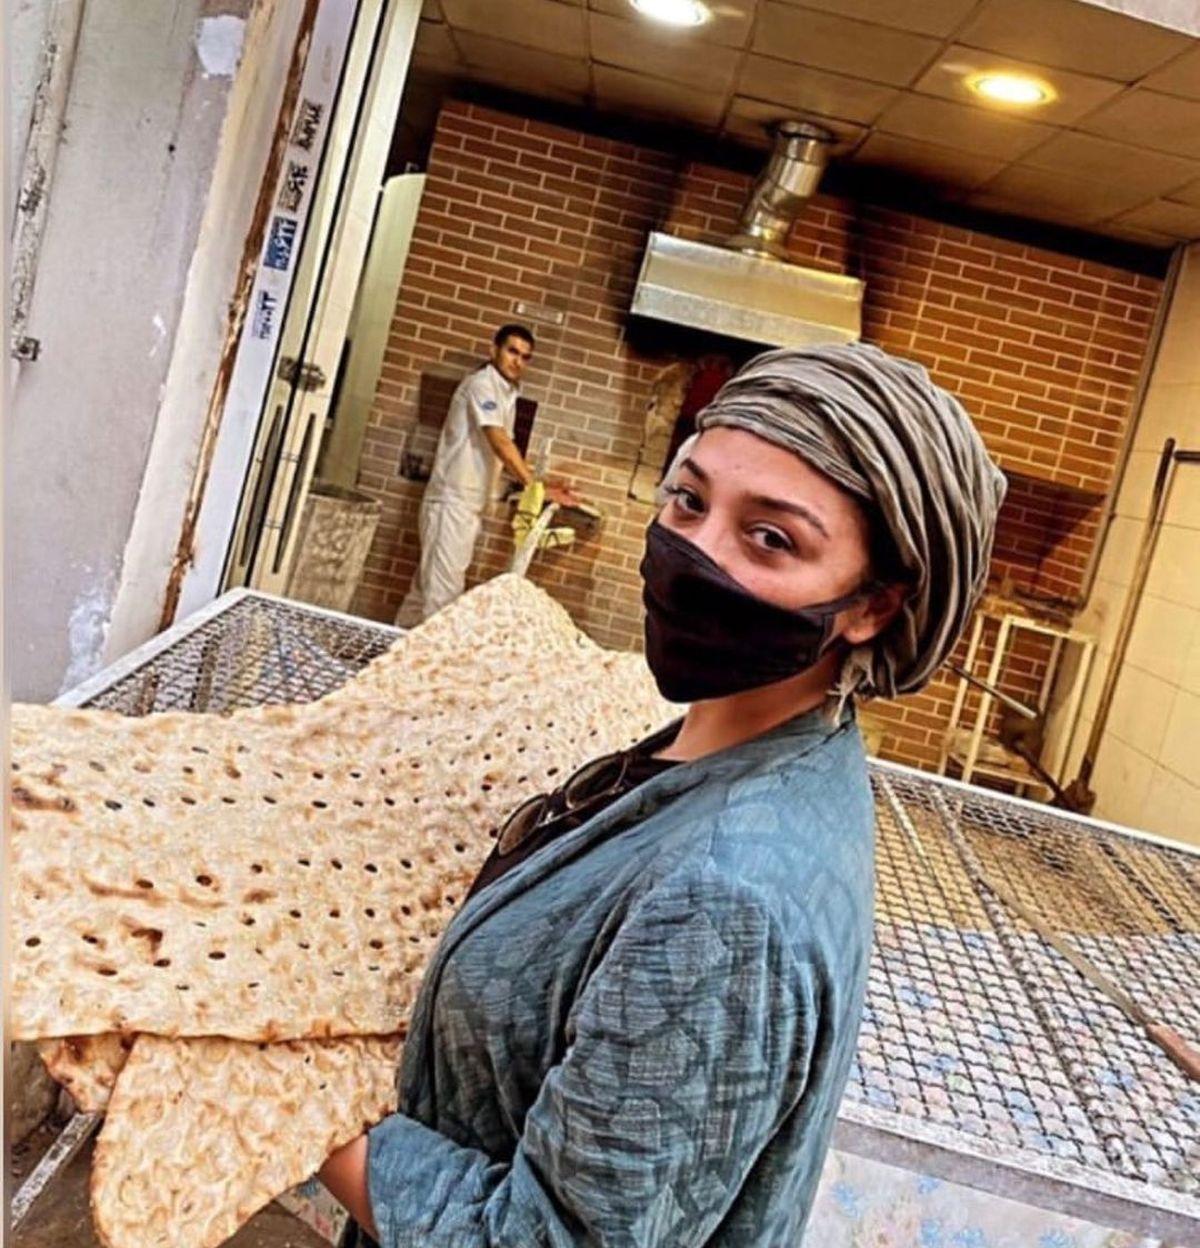 گردن عریان آناهیتا درگاهی/ لباس آستین کوتاه آناهیتا درگاهی در نانوایی+ عکس